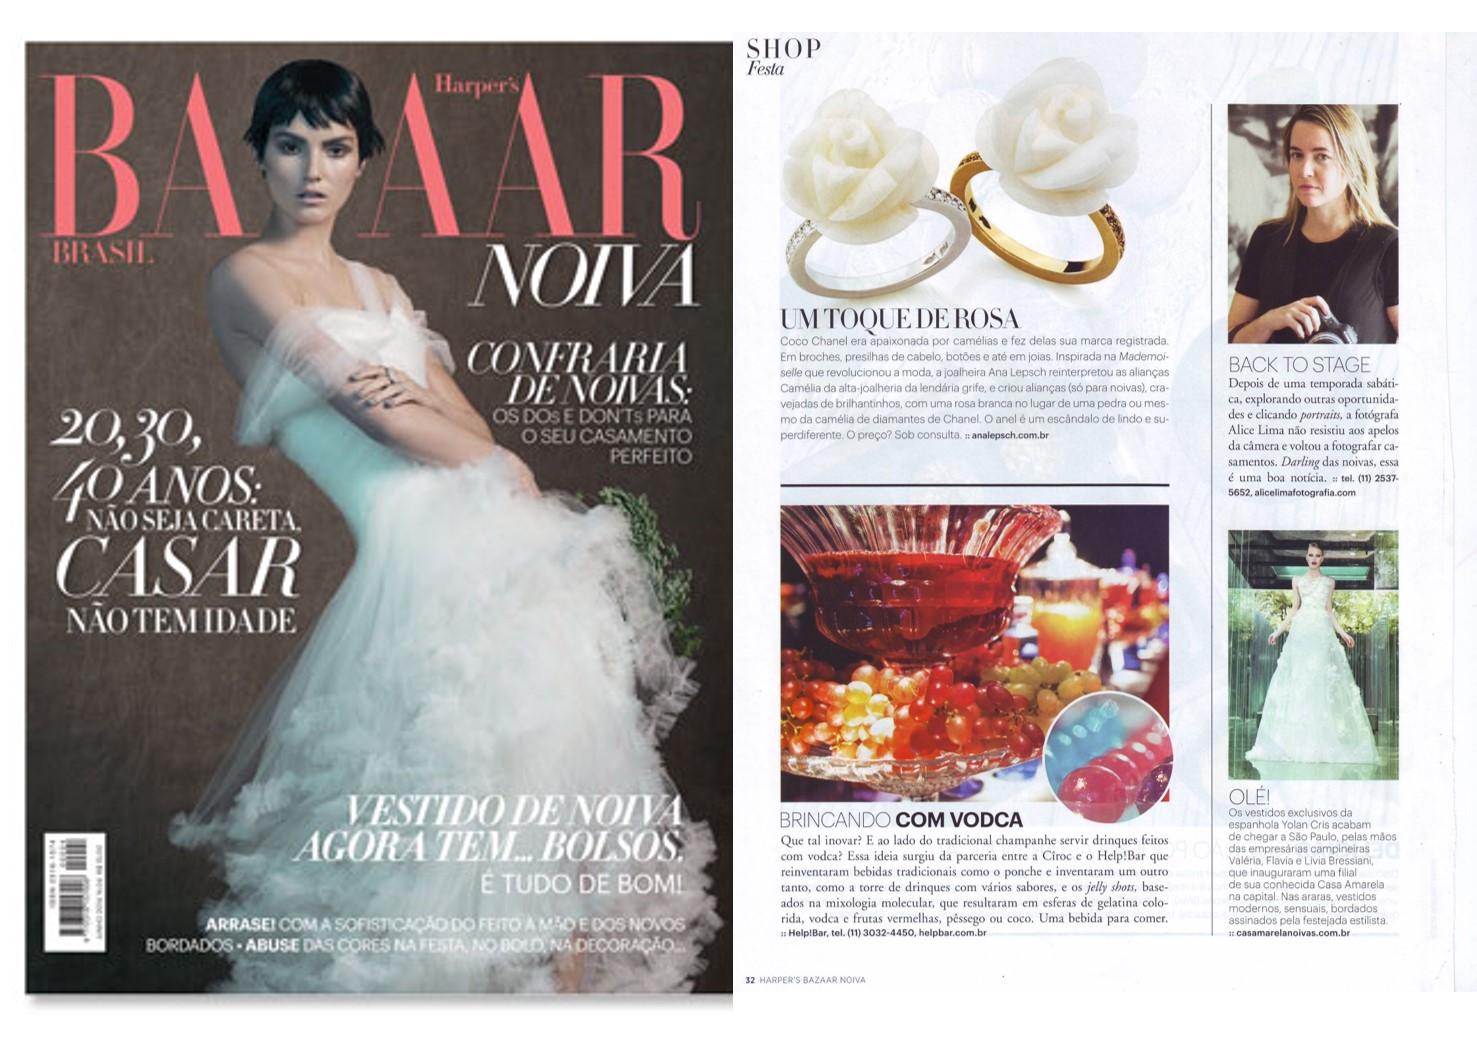 Jun 2015 | Bazaar Harpers Noivas